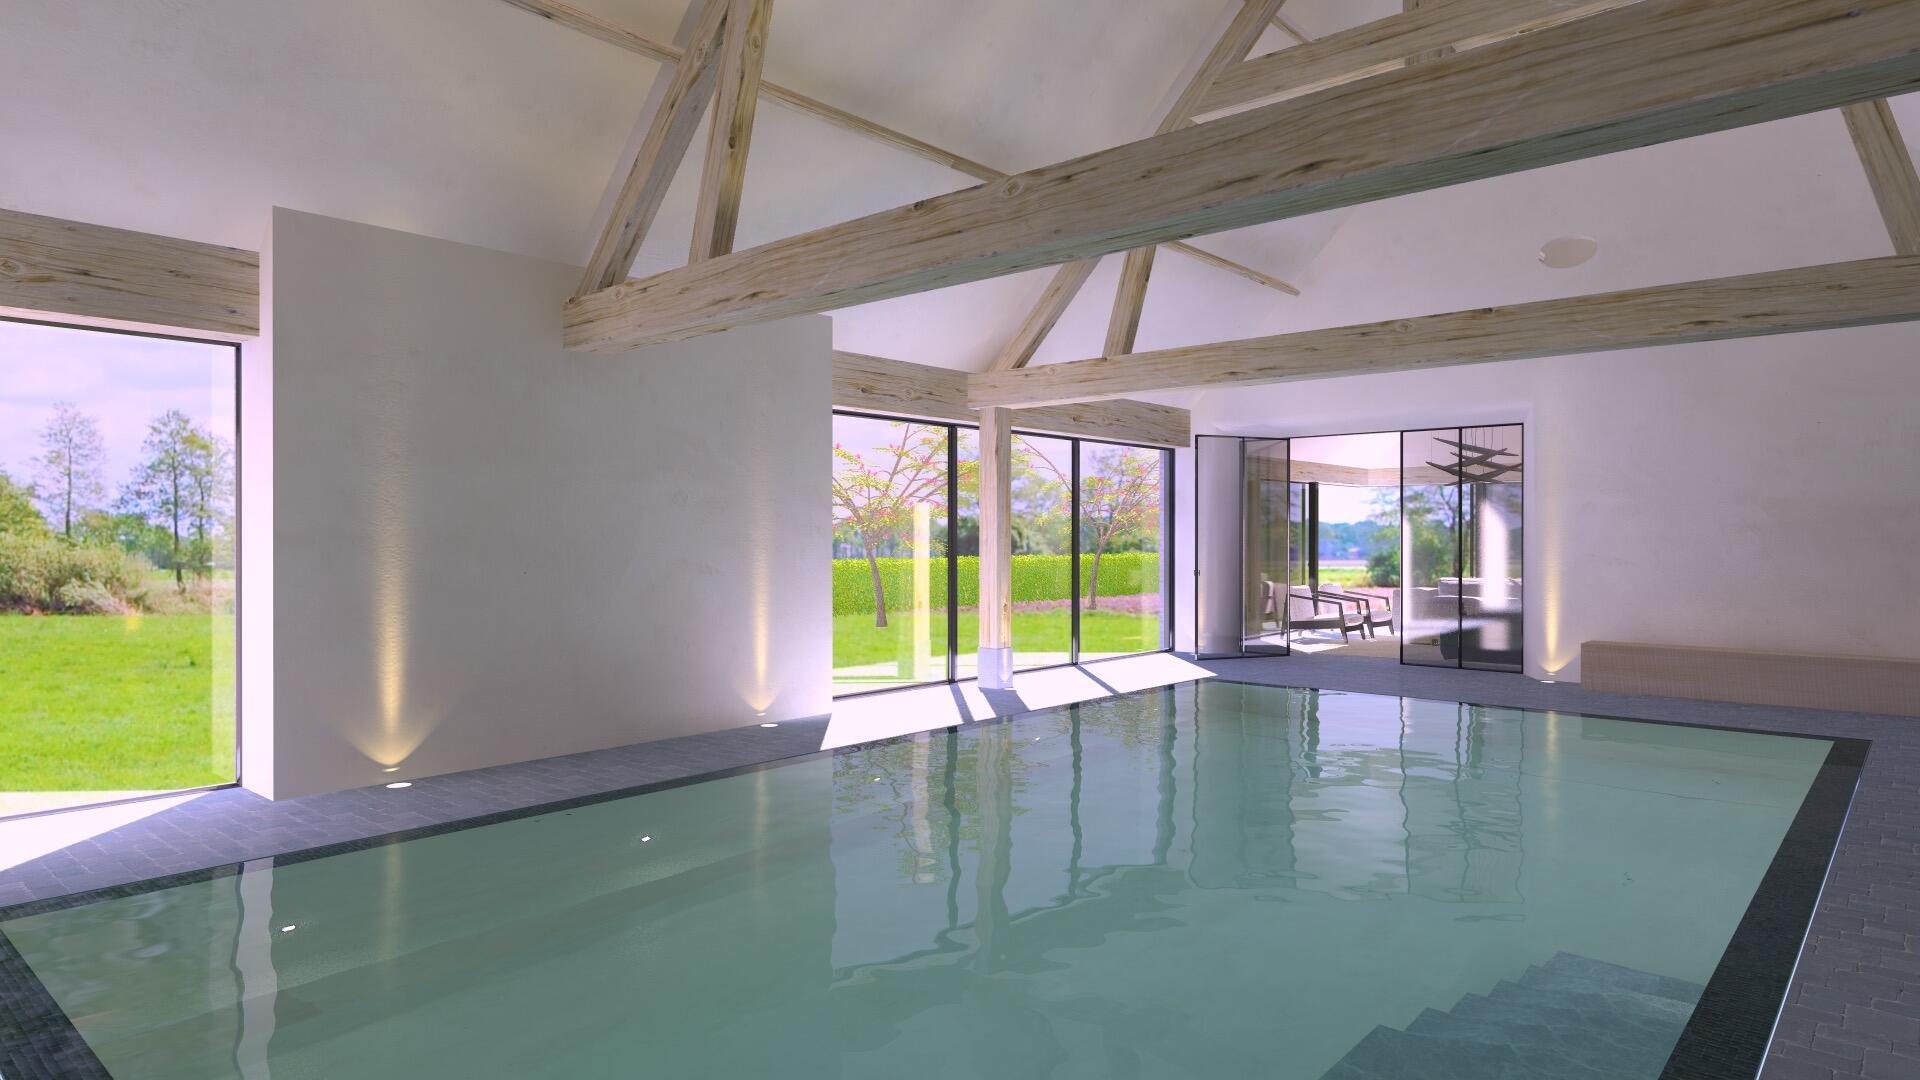 Inrichting binnenzwembad wellness ap art architecten